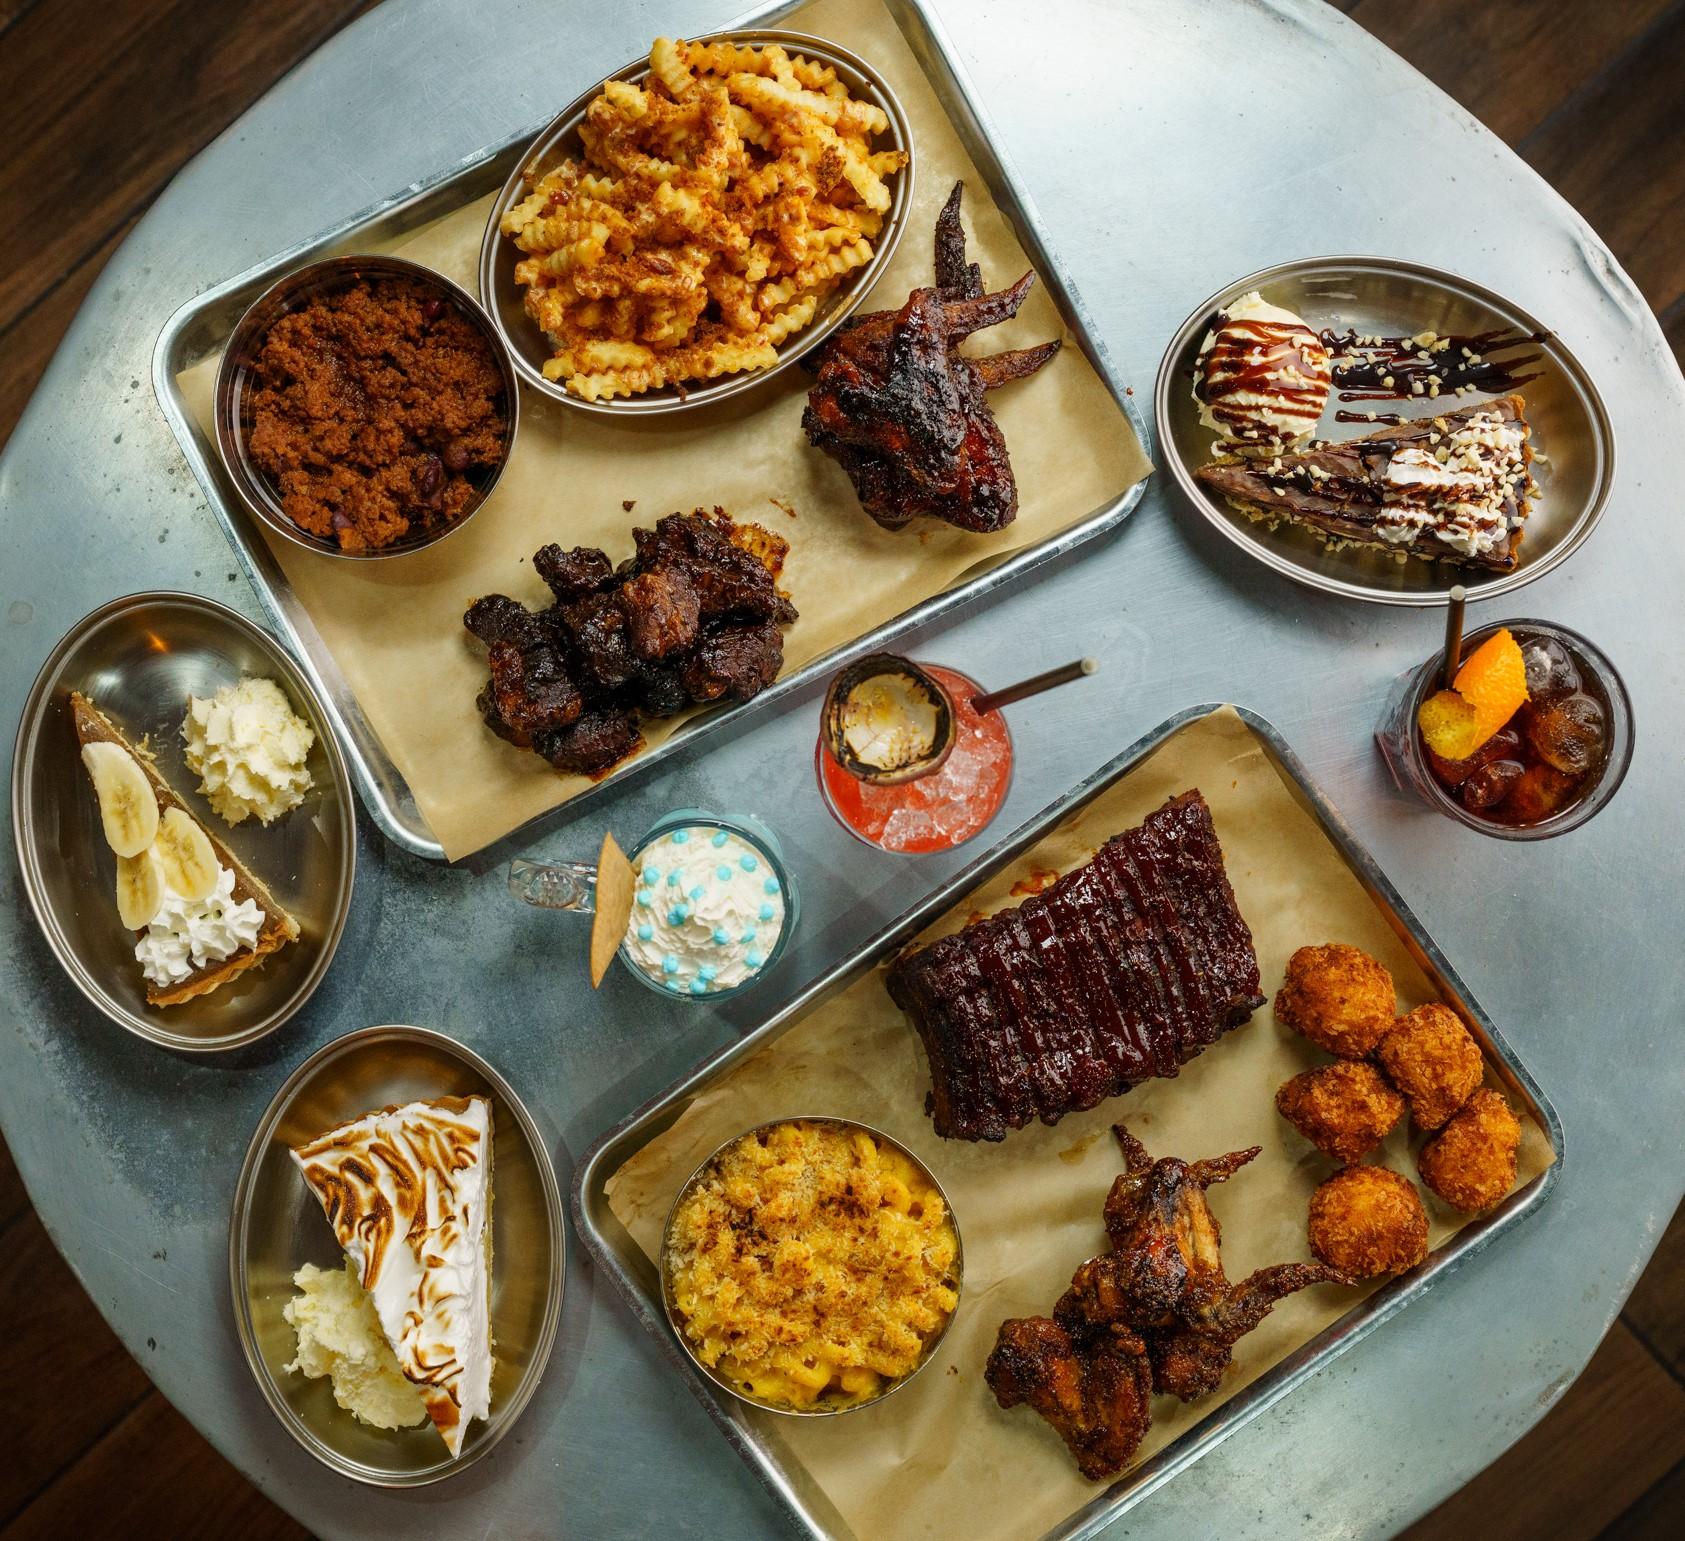 Papa's Smoke Hut hadir kembali – dengan menu baru yang berfokus pada daging asap dan burger